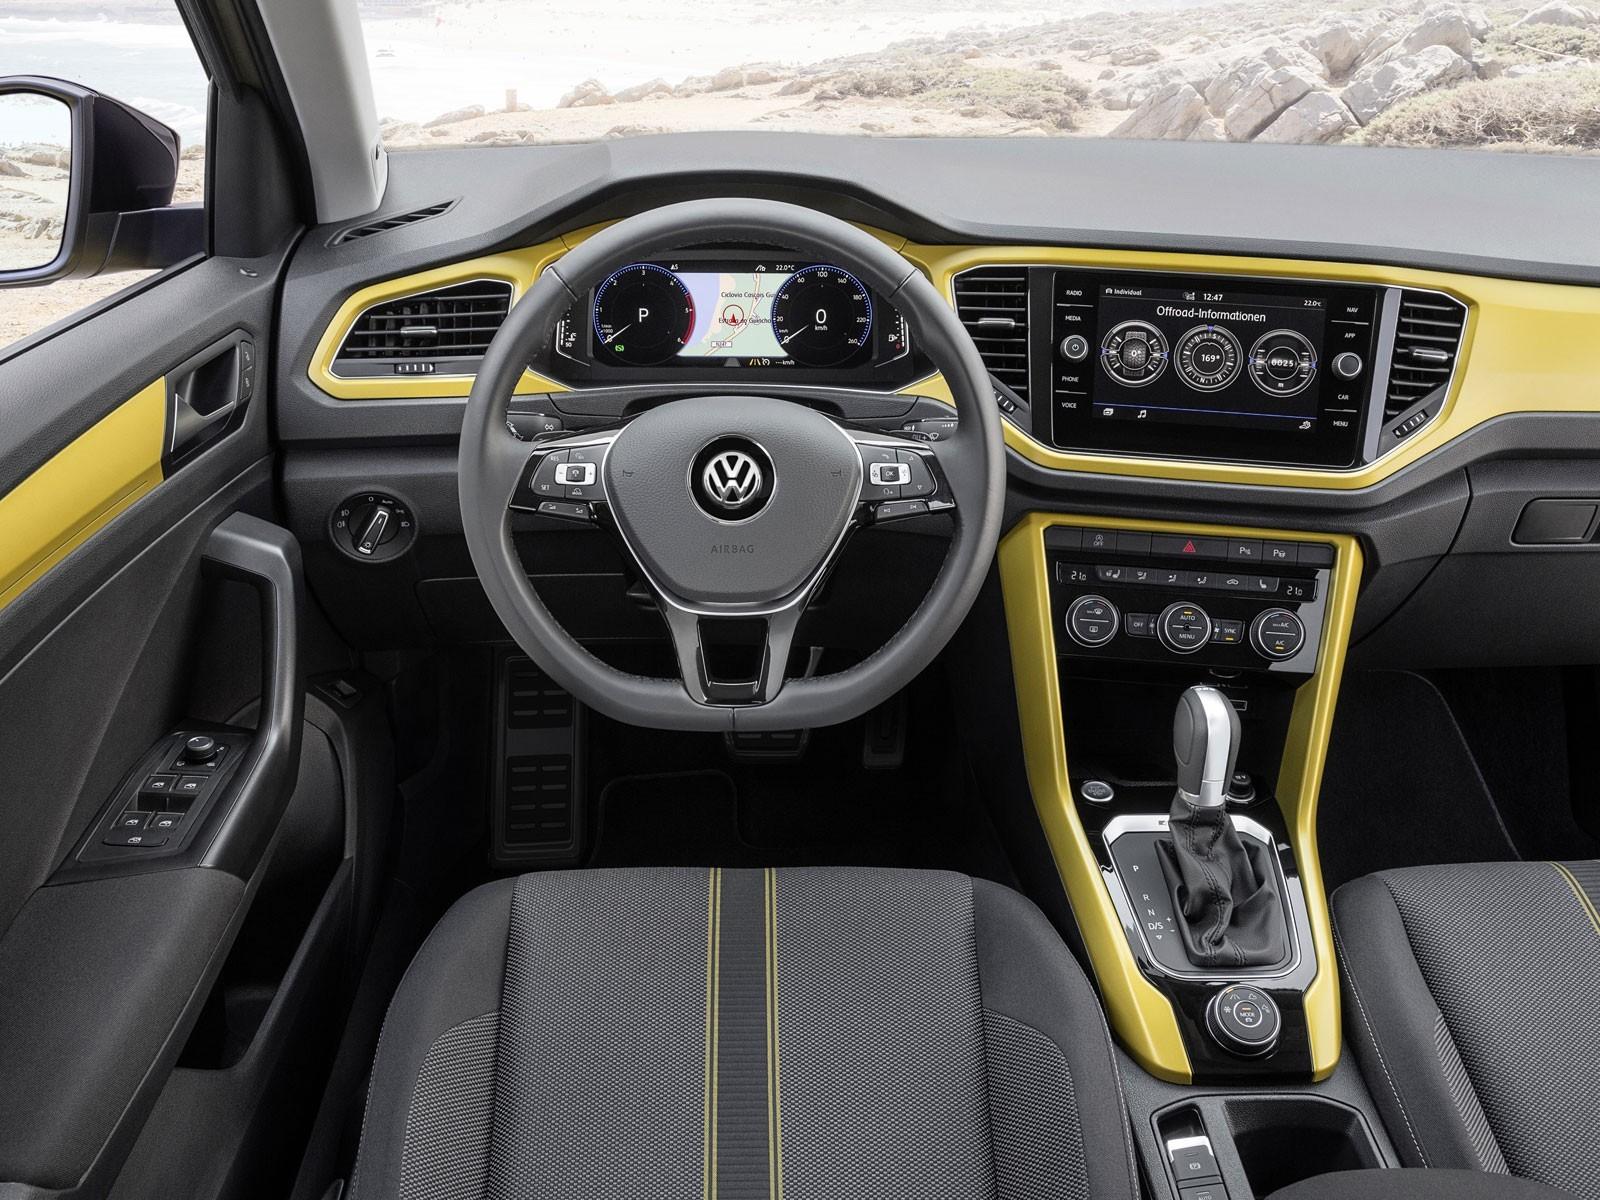 Foto VW-T-Roc-Fahrbericht-003.jpg vom Artikel Fahrbericht: Der neue ...